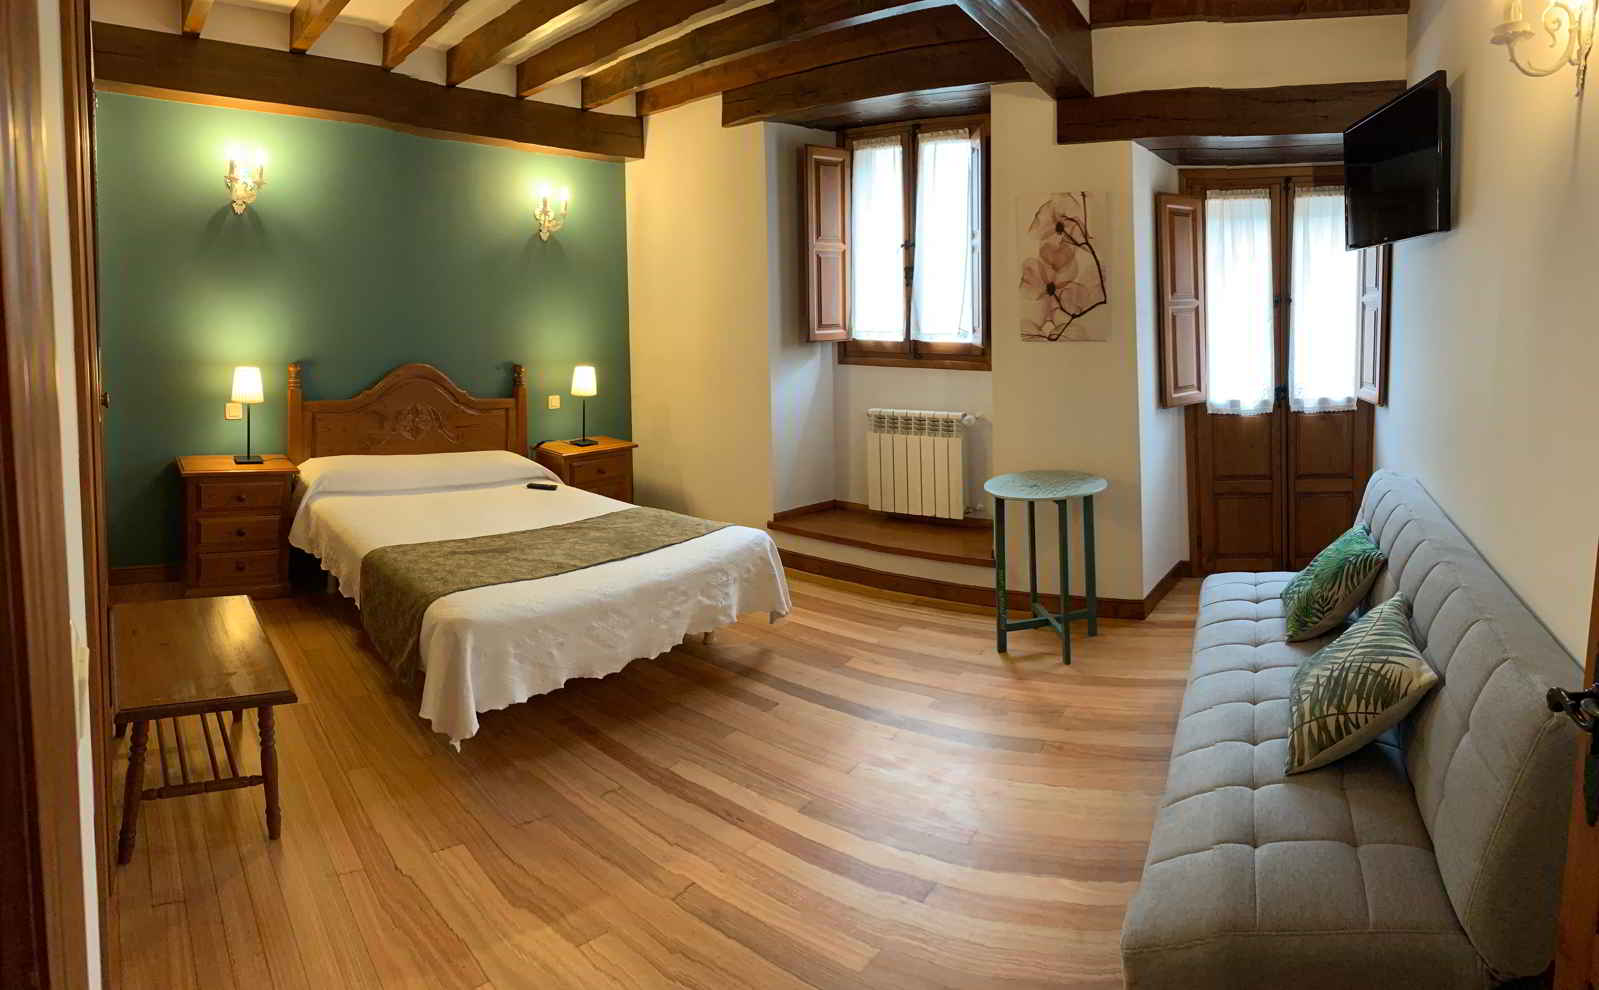 hotel_casa rural_cantabria_grupos grandes_mascotas_san vicente de la barquera_comillas_llanes (8)